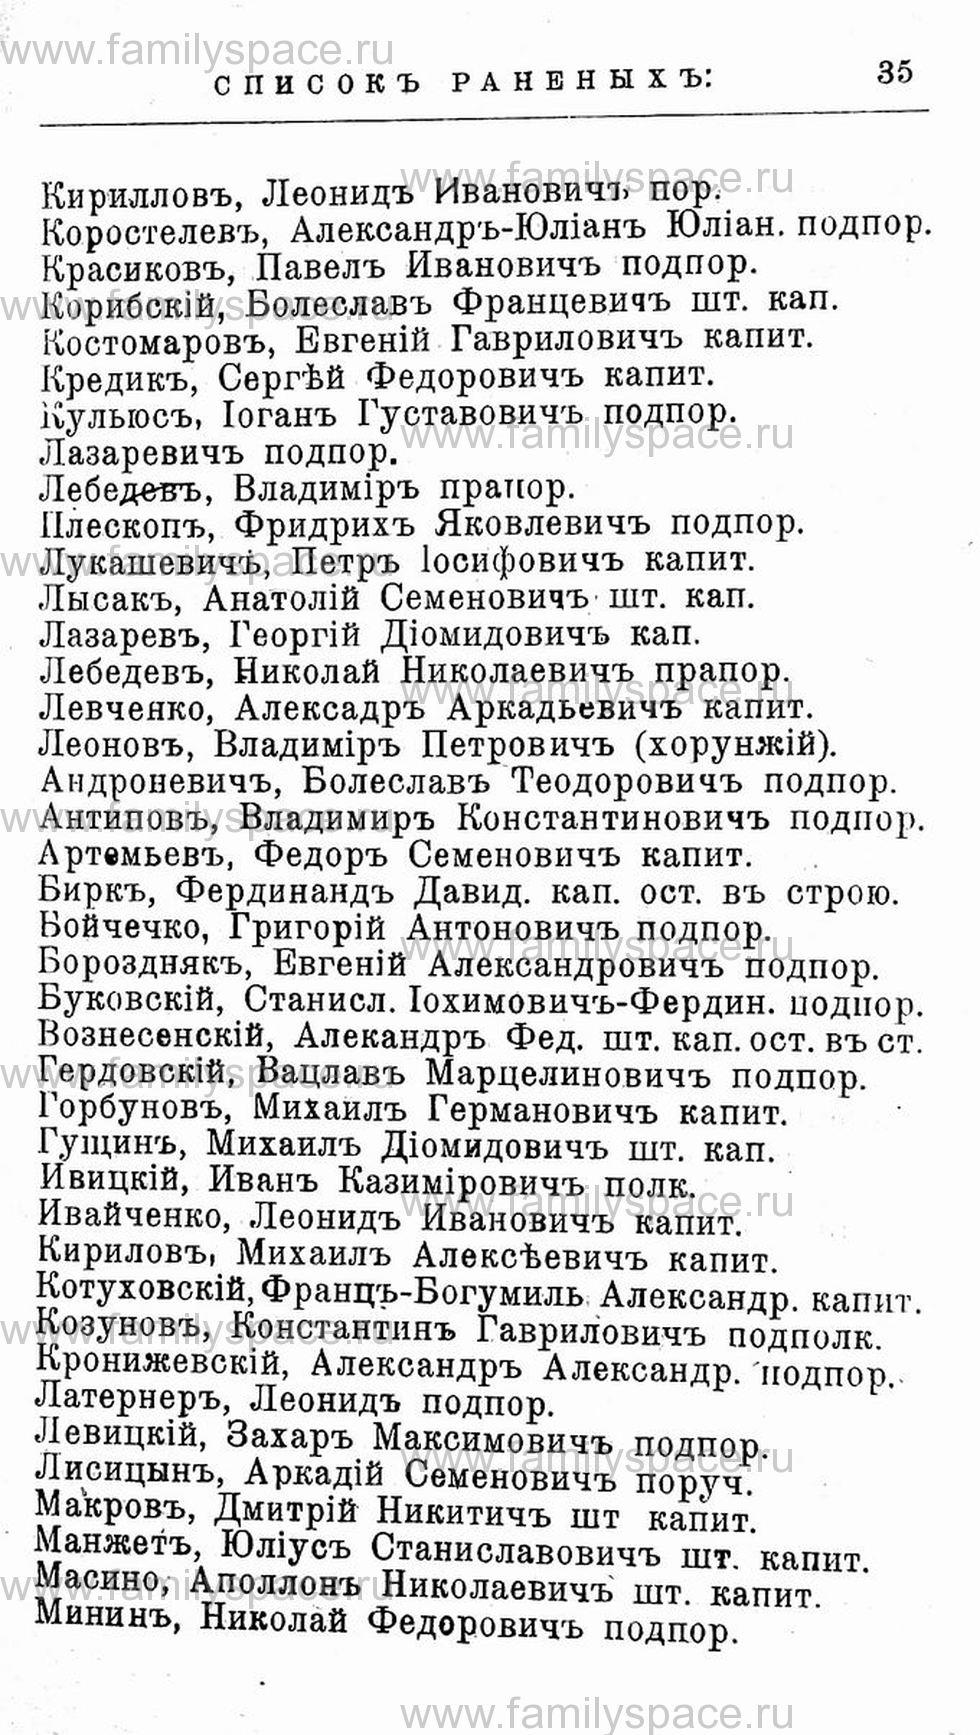 Поиск по фамилии - Первая мировая война - 1914 (списки убитых и раненых), страница 35